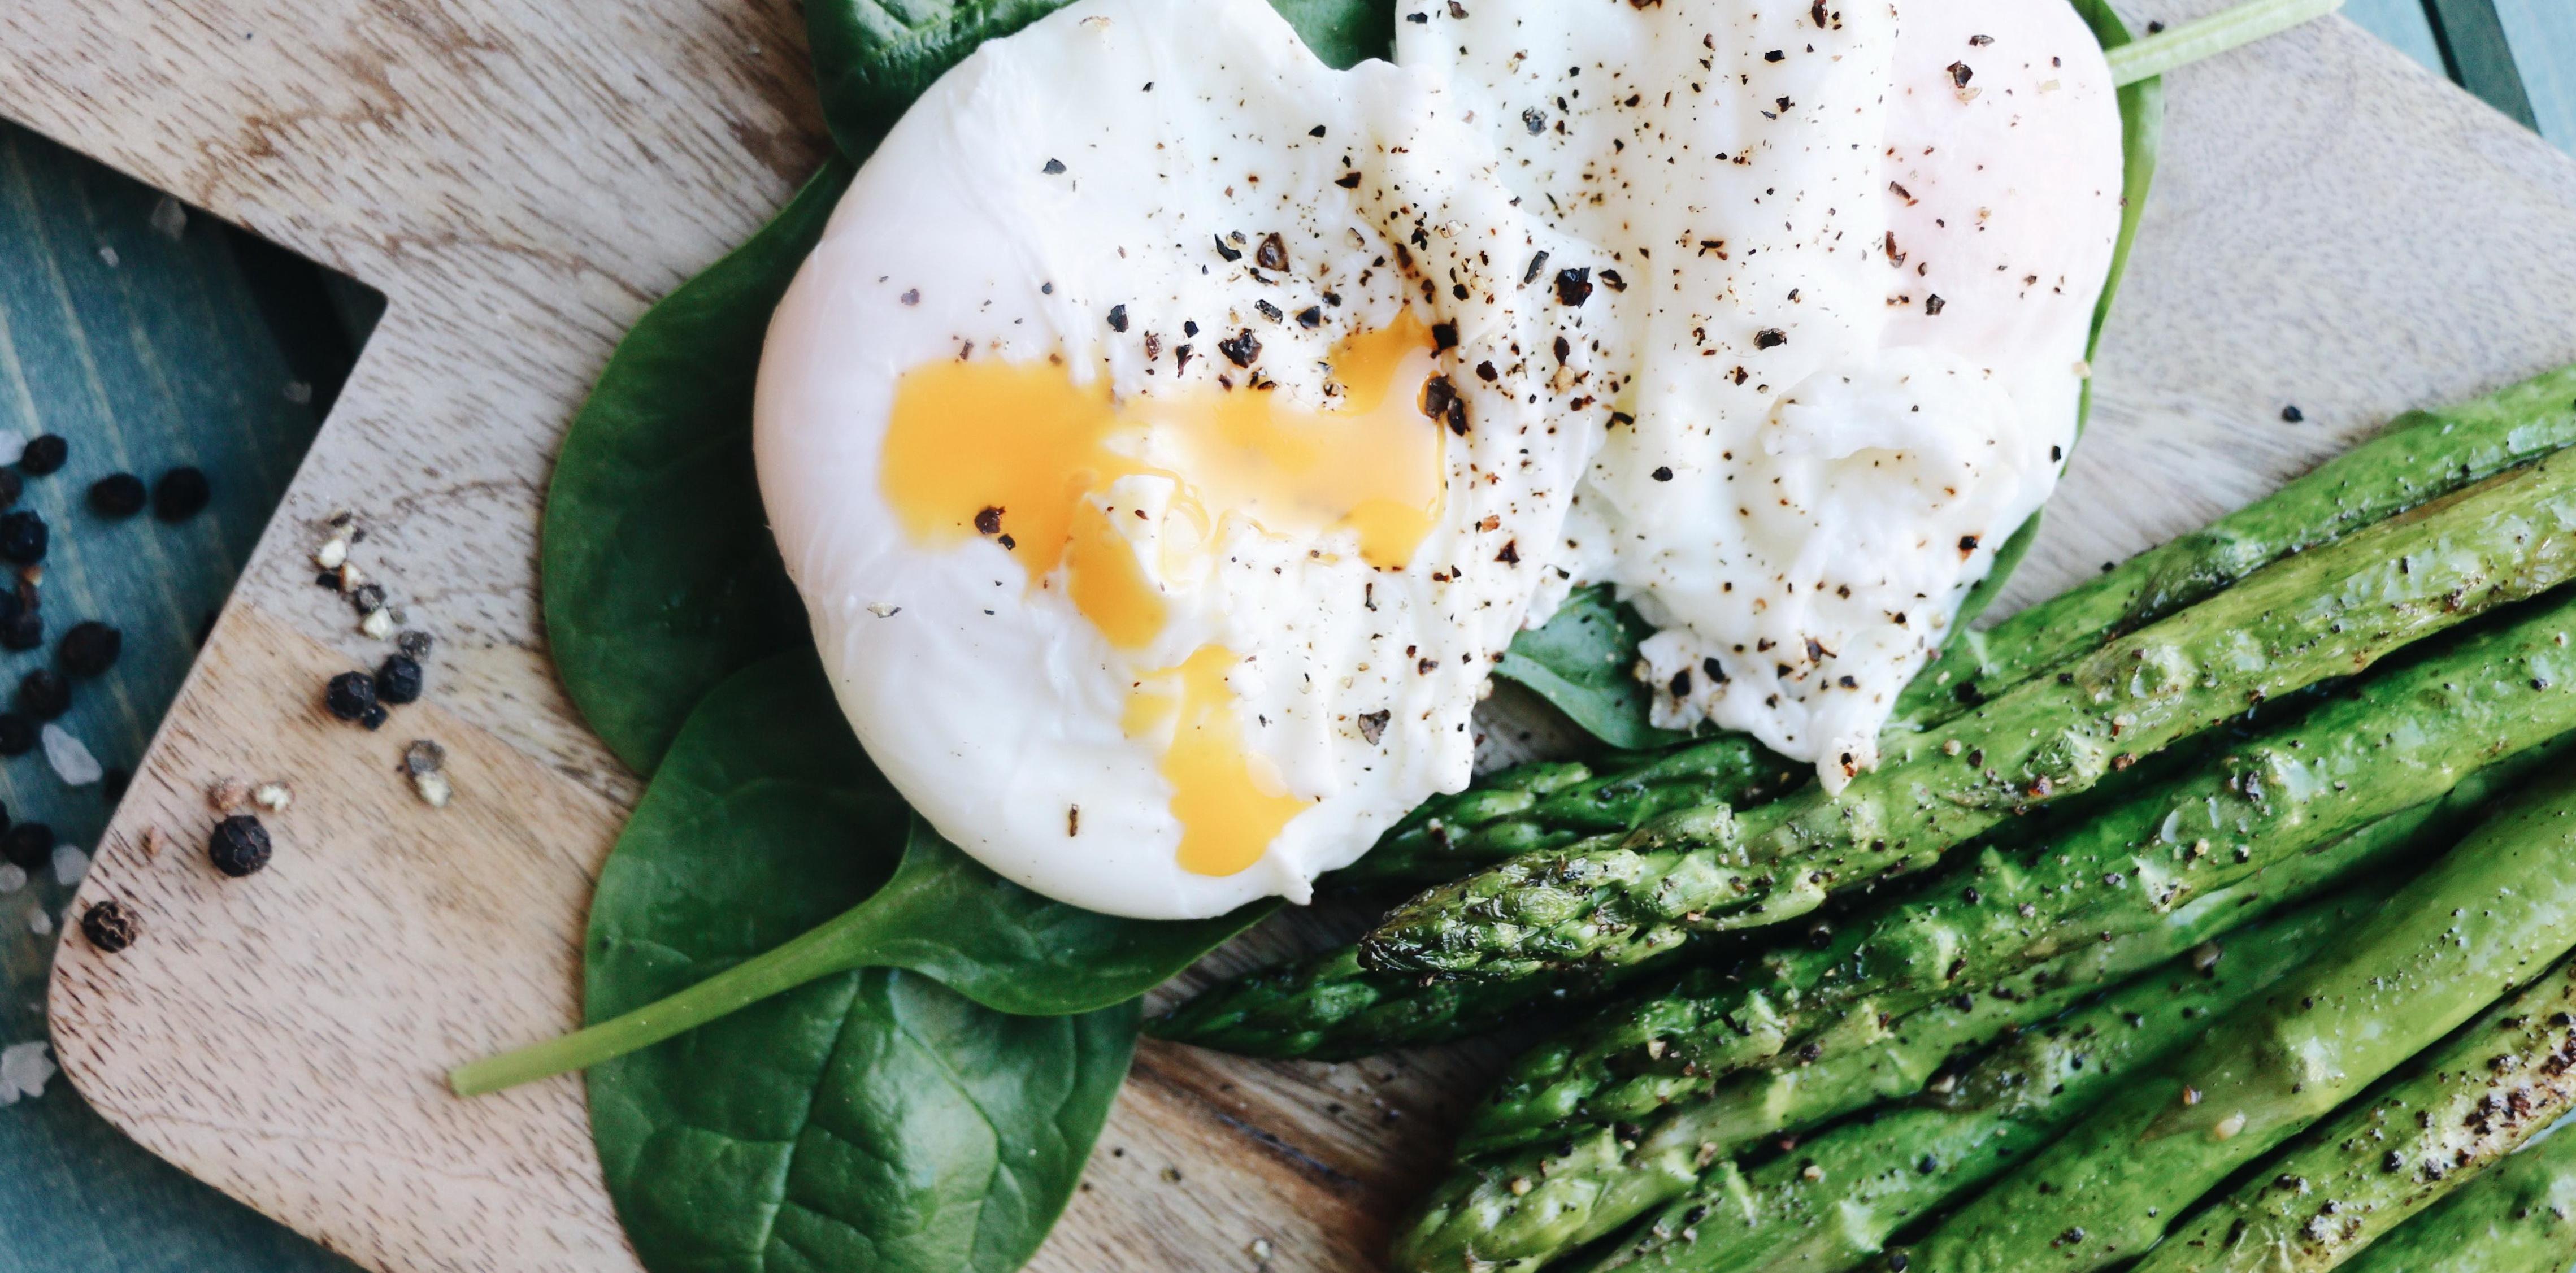 Обруч здоровья для похудения 3 кг отзывы